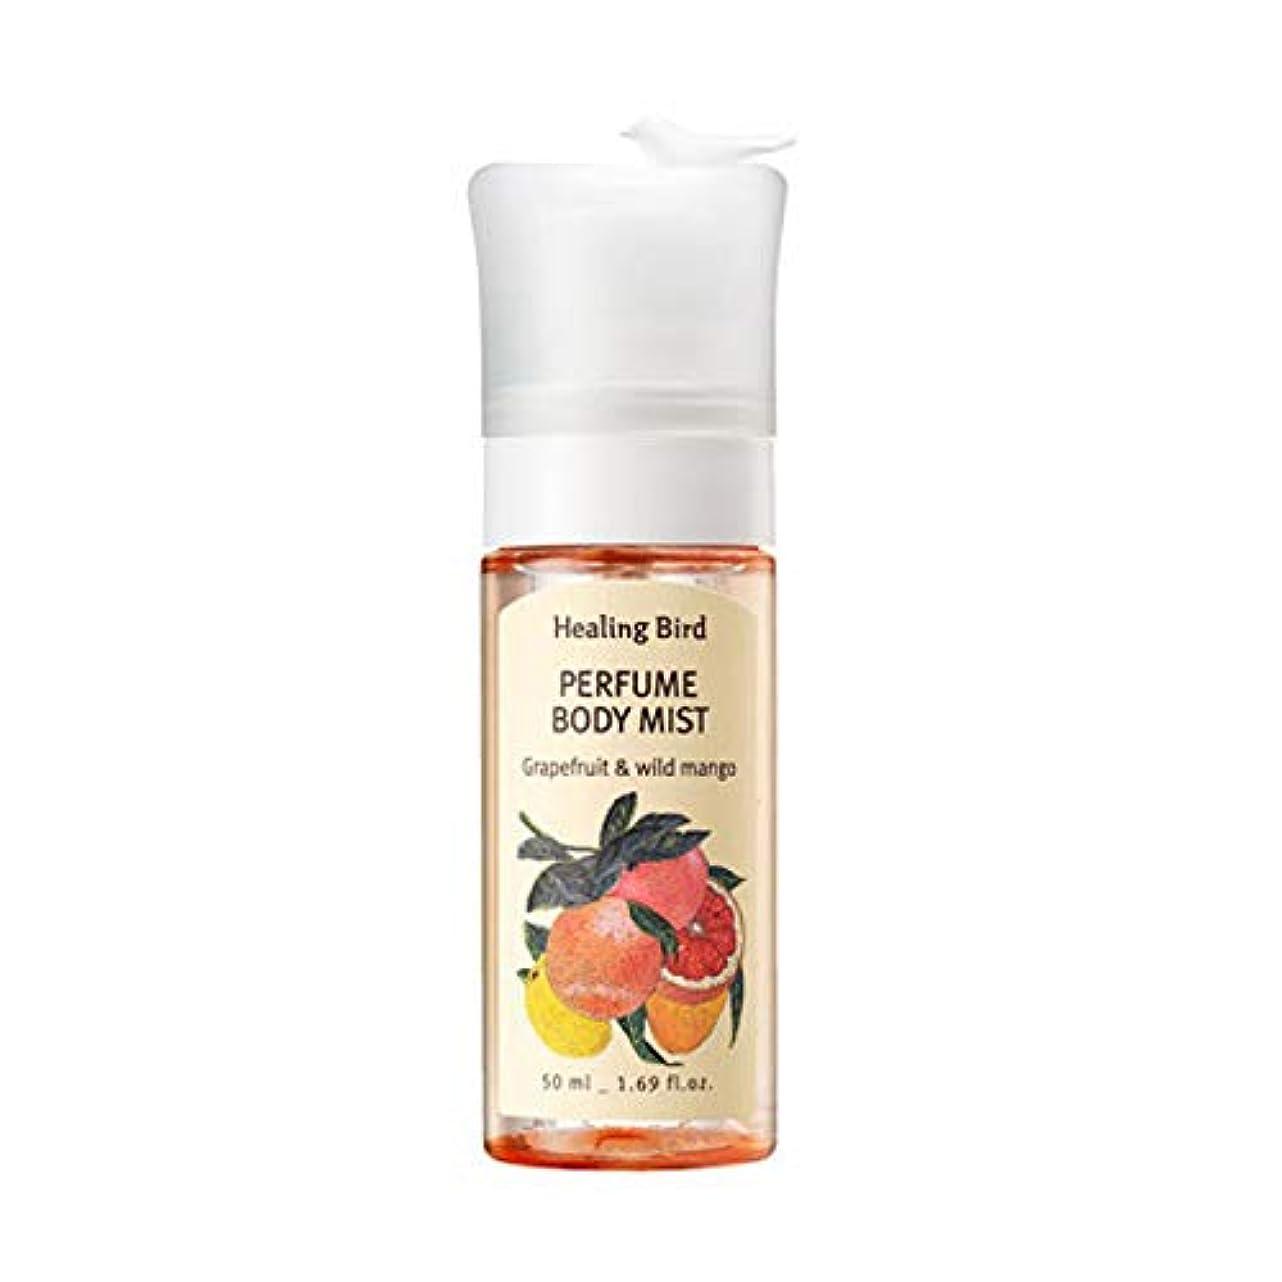 香港公隣接Healing Bird Perfume Body Mist 50ml パヒュームボディミスト (Grapefruit & Wild Mango) [並行輸入品]